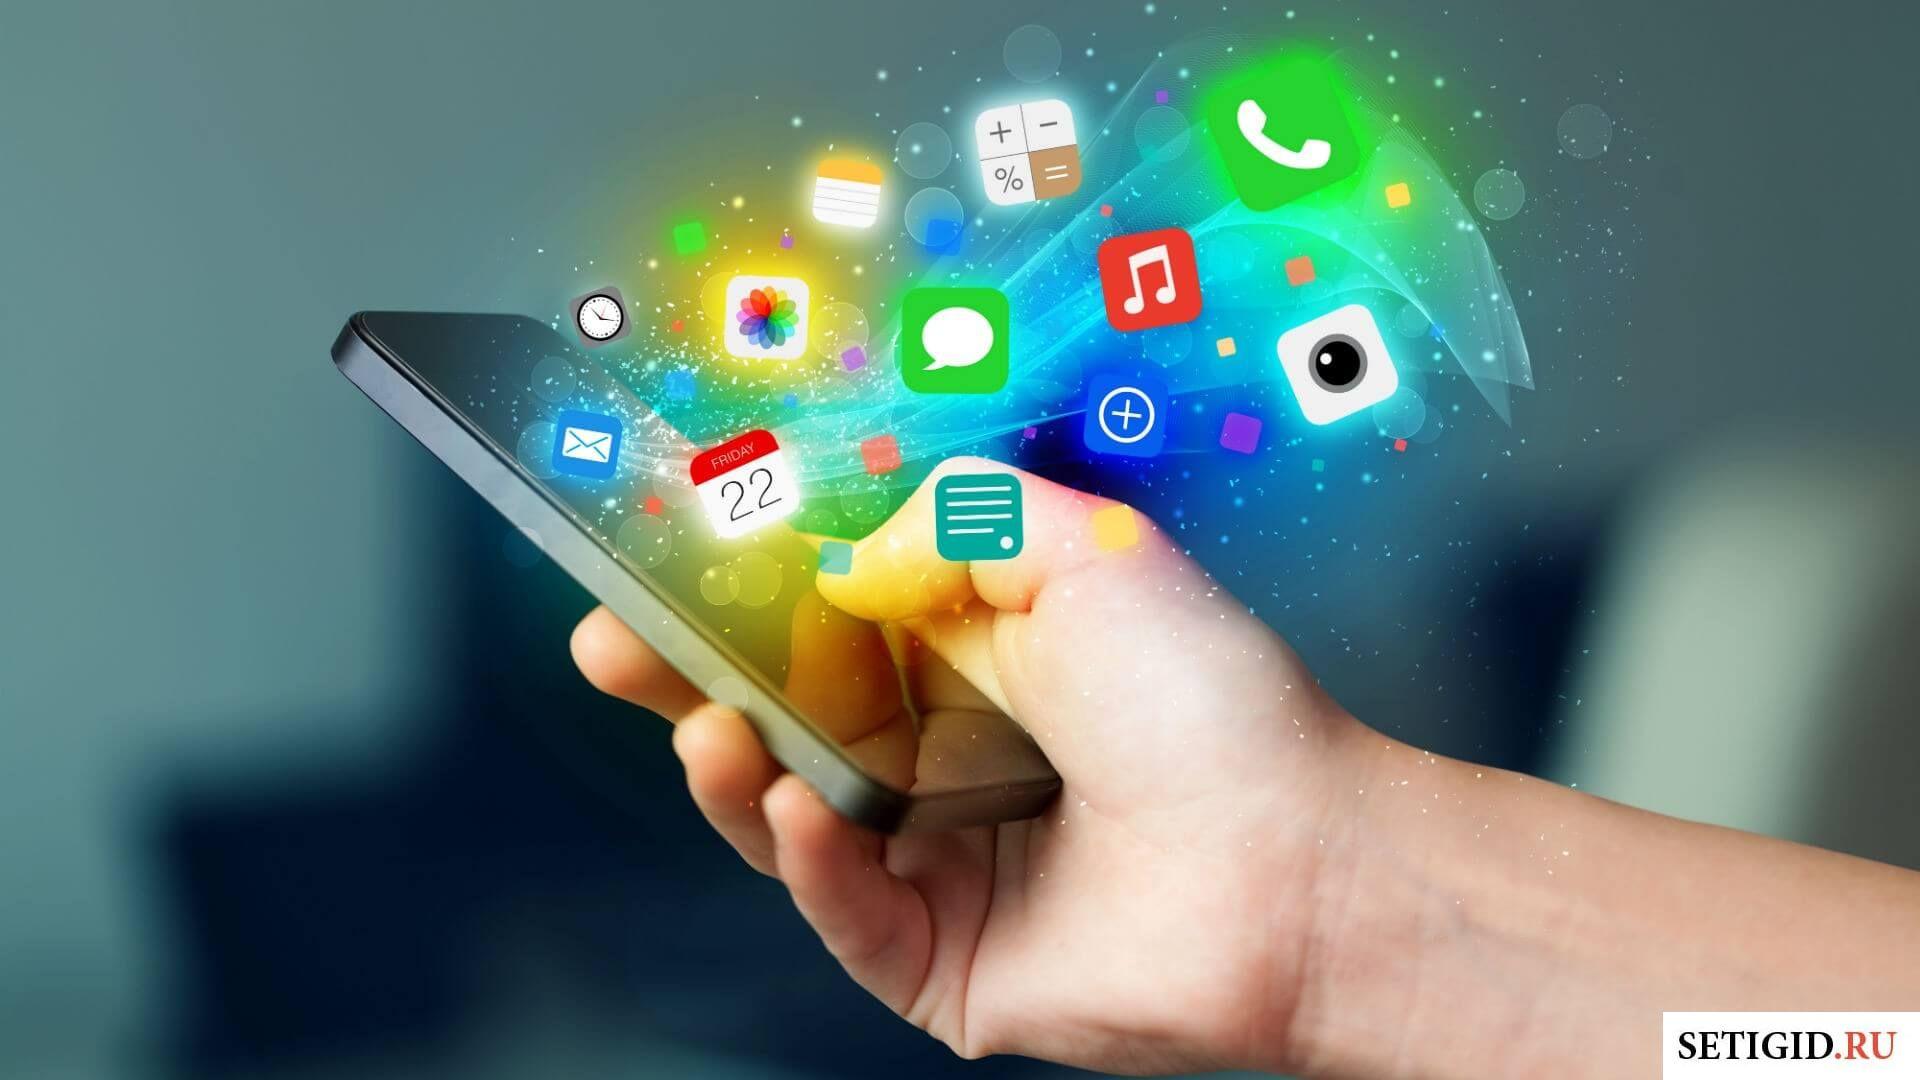 Тёмный телефон со значками мобильных приложений